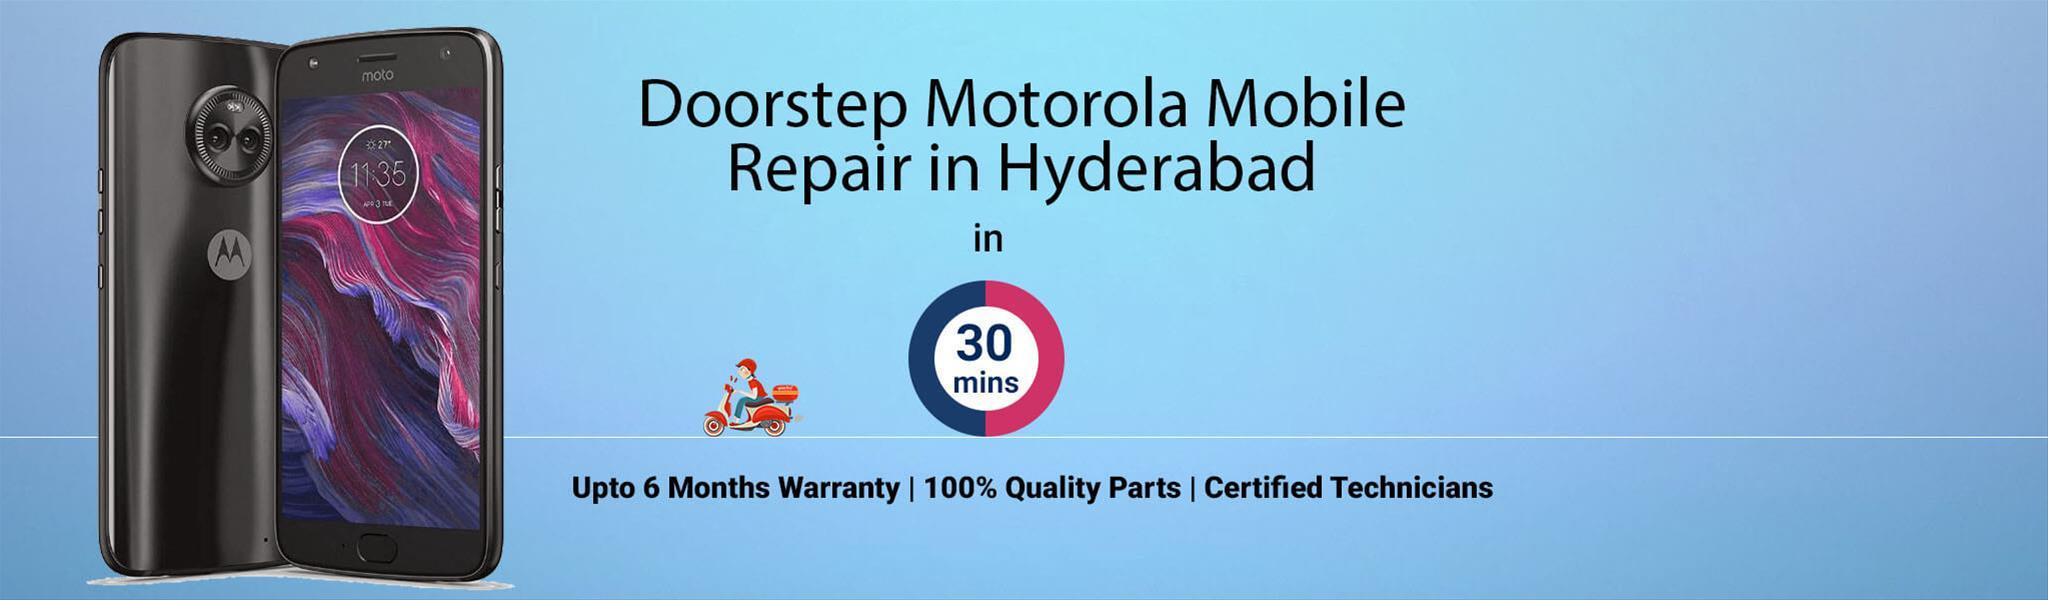 motorola-repair-in-hyderbad.jpg